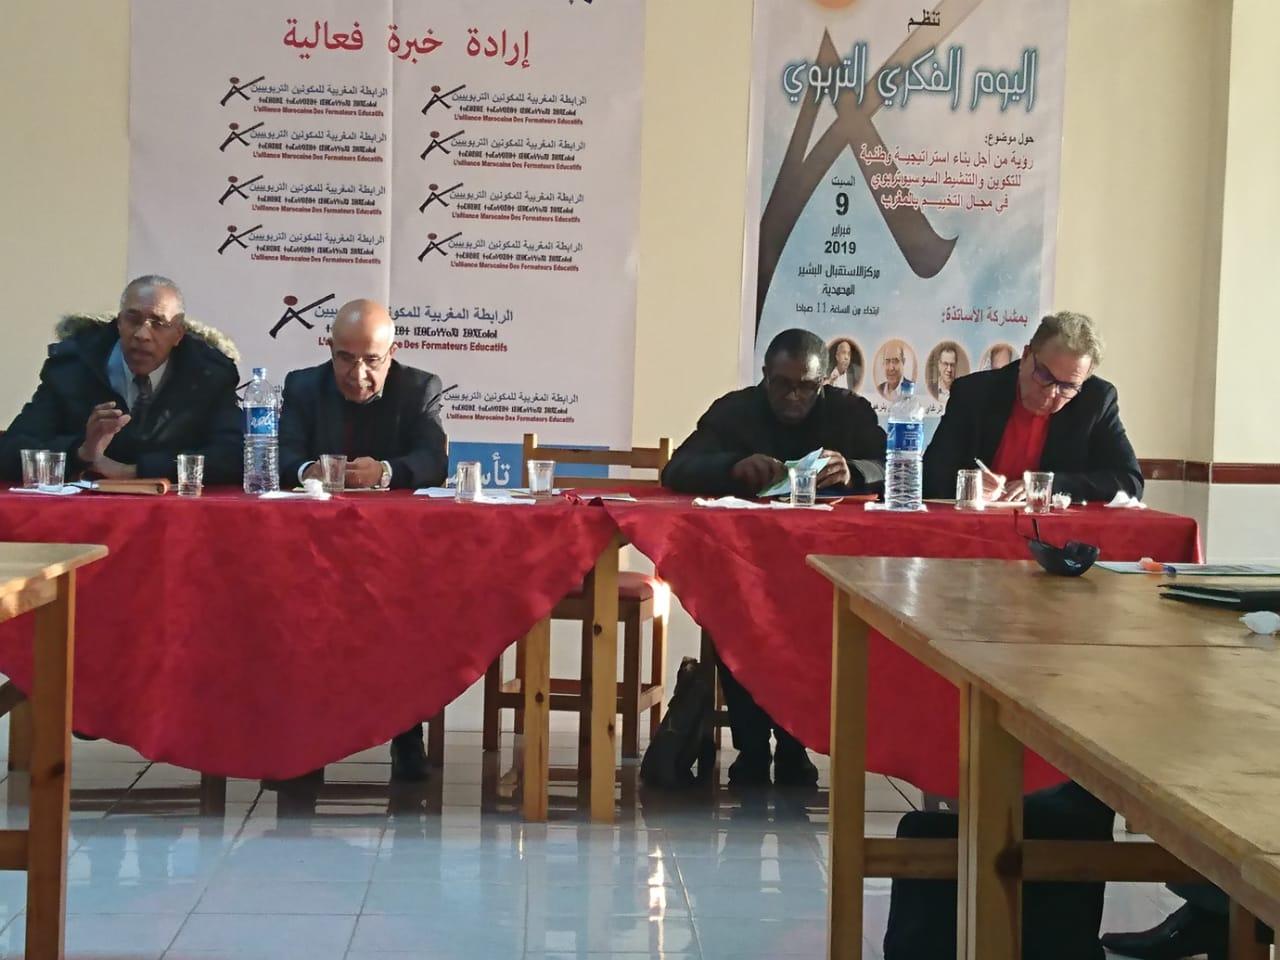 الرابطة المغربية للمكونين تناقش هندسة التكوين لبناء قاعدةلاستراتيجية التكوين و التنشيط السوسيوتربوي